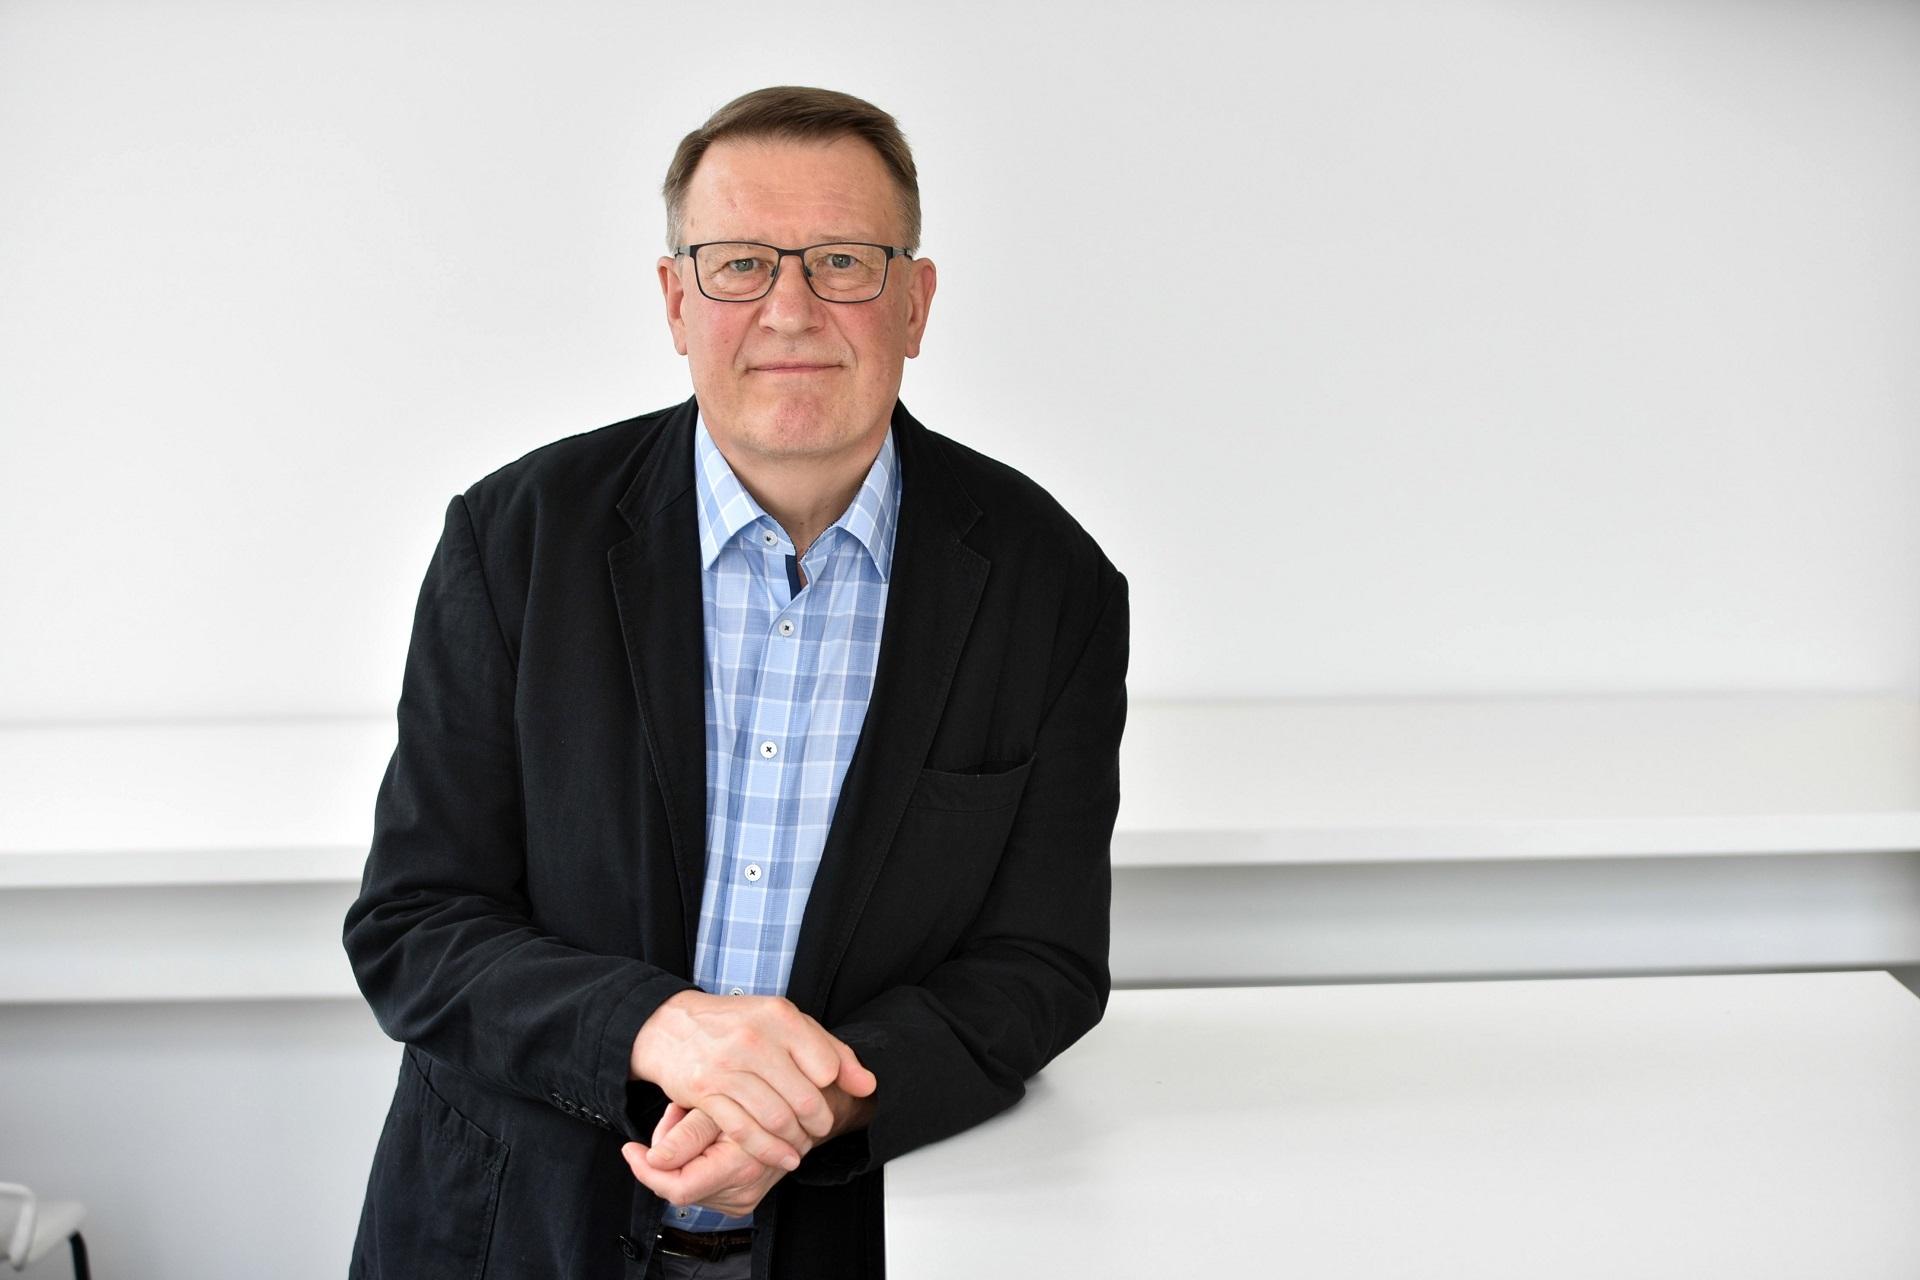 Pasak antropologo prof. dr. Vyčio Čiubrinsko, lietuvių bruožus vartotojiškumo prasme būtų labai sunku išskirti iš aplinkinių tautų. / Asmeninio archyvo nuotr.